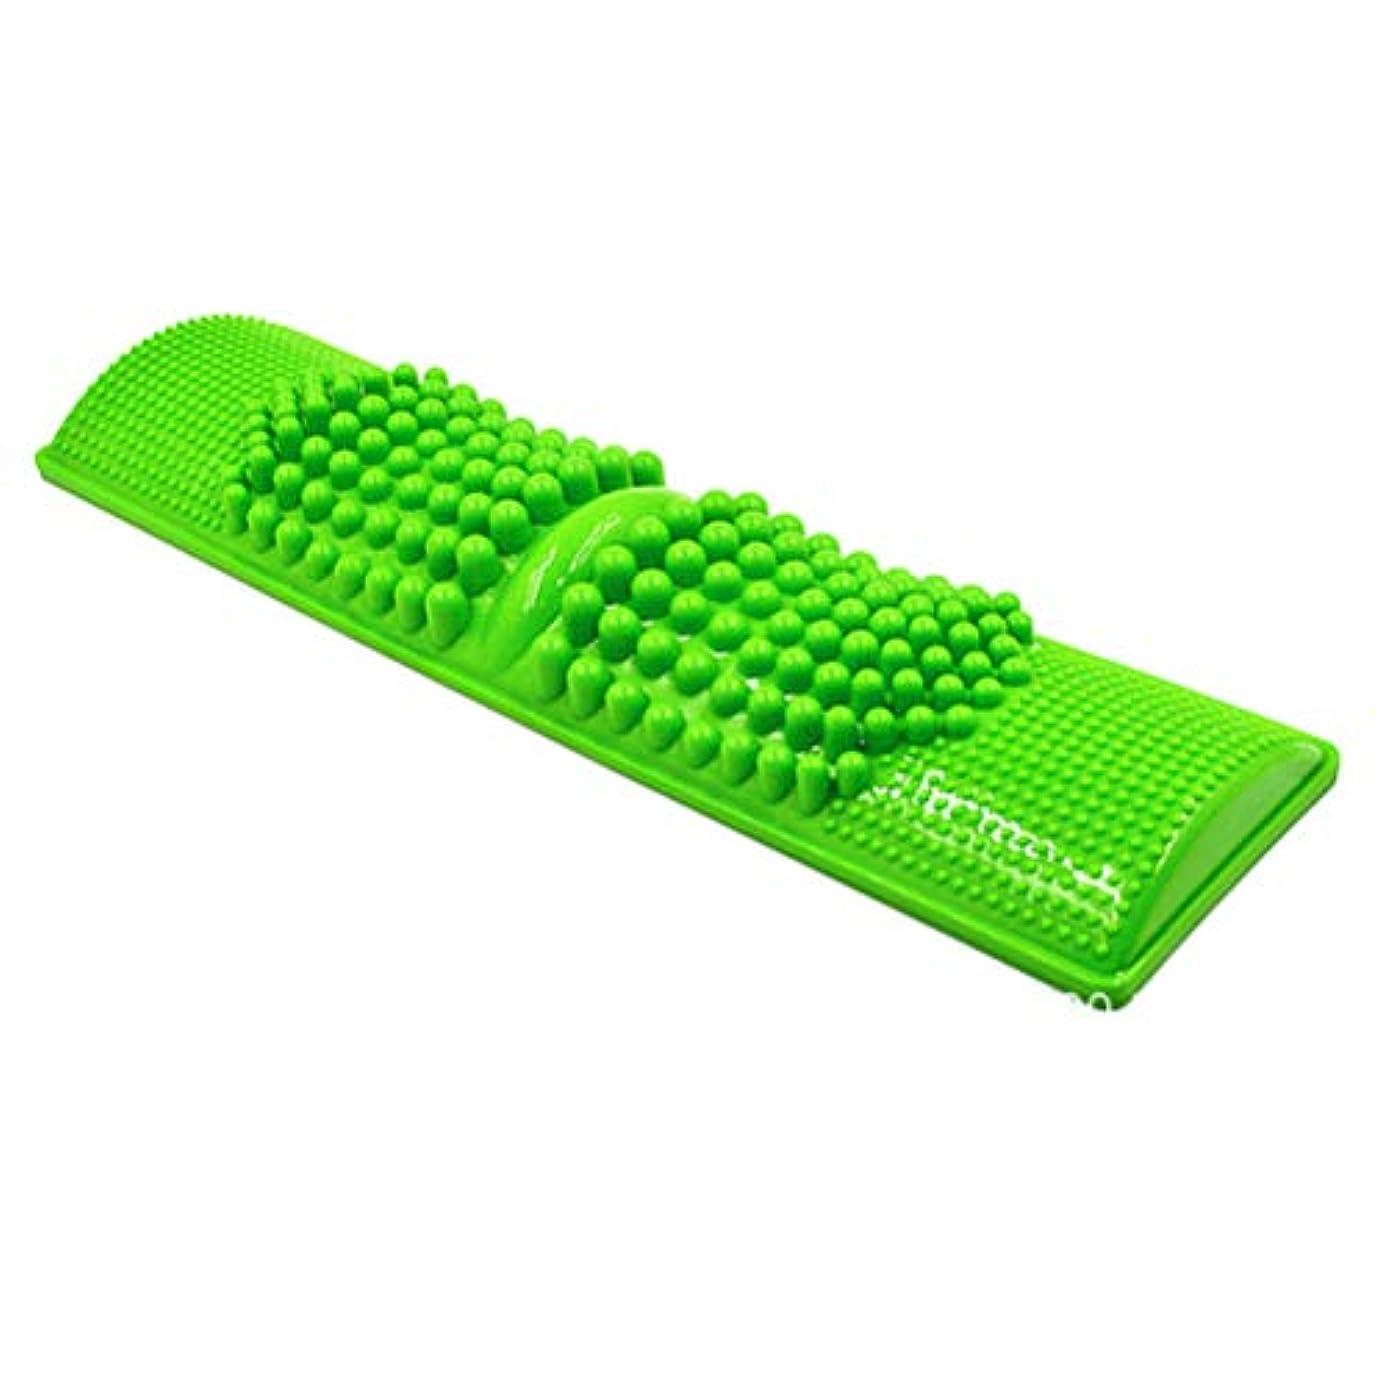 シュガーあなたが良くなりますカウボーイHealifty 足踏みマッサージ 足つぼマッサージ 健康維持 踏み 毒素を取り除き 代謝を改善 血行促進 (ランダムカラー)